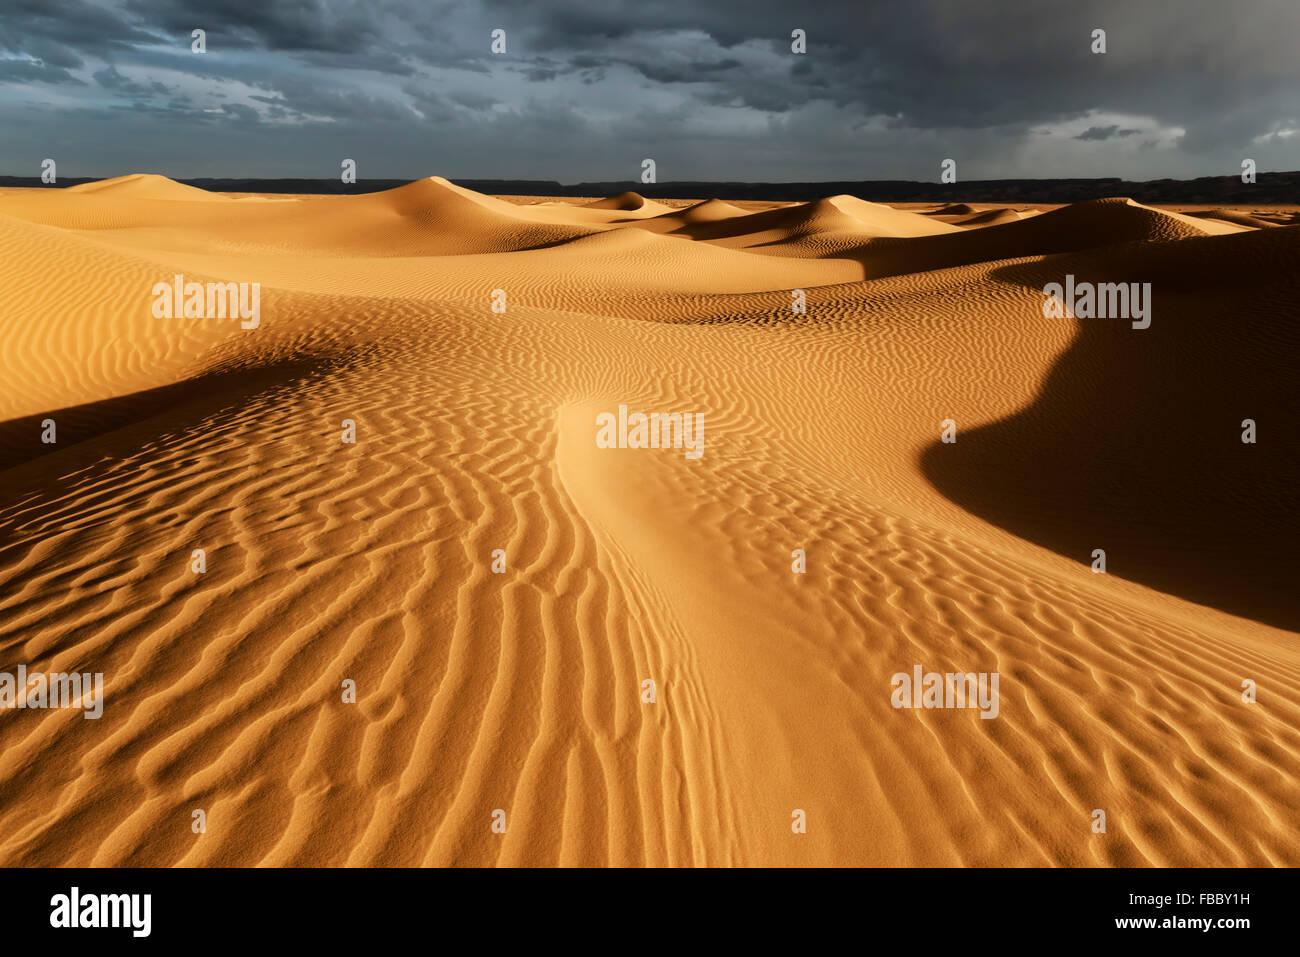 Sahara dune di sabbia con tempestoso, cielo nuvoloso, Marocco. Immagini Stock